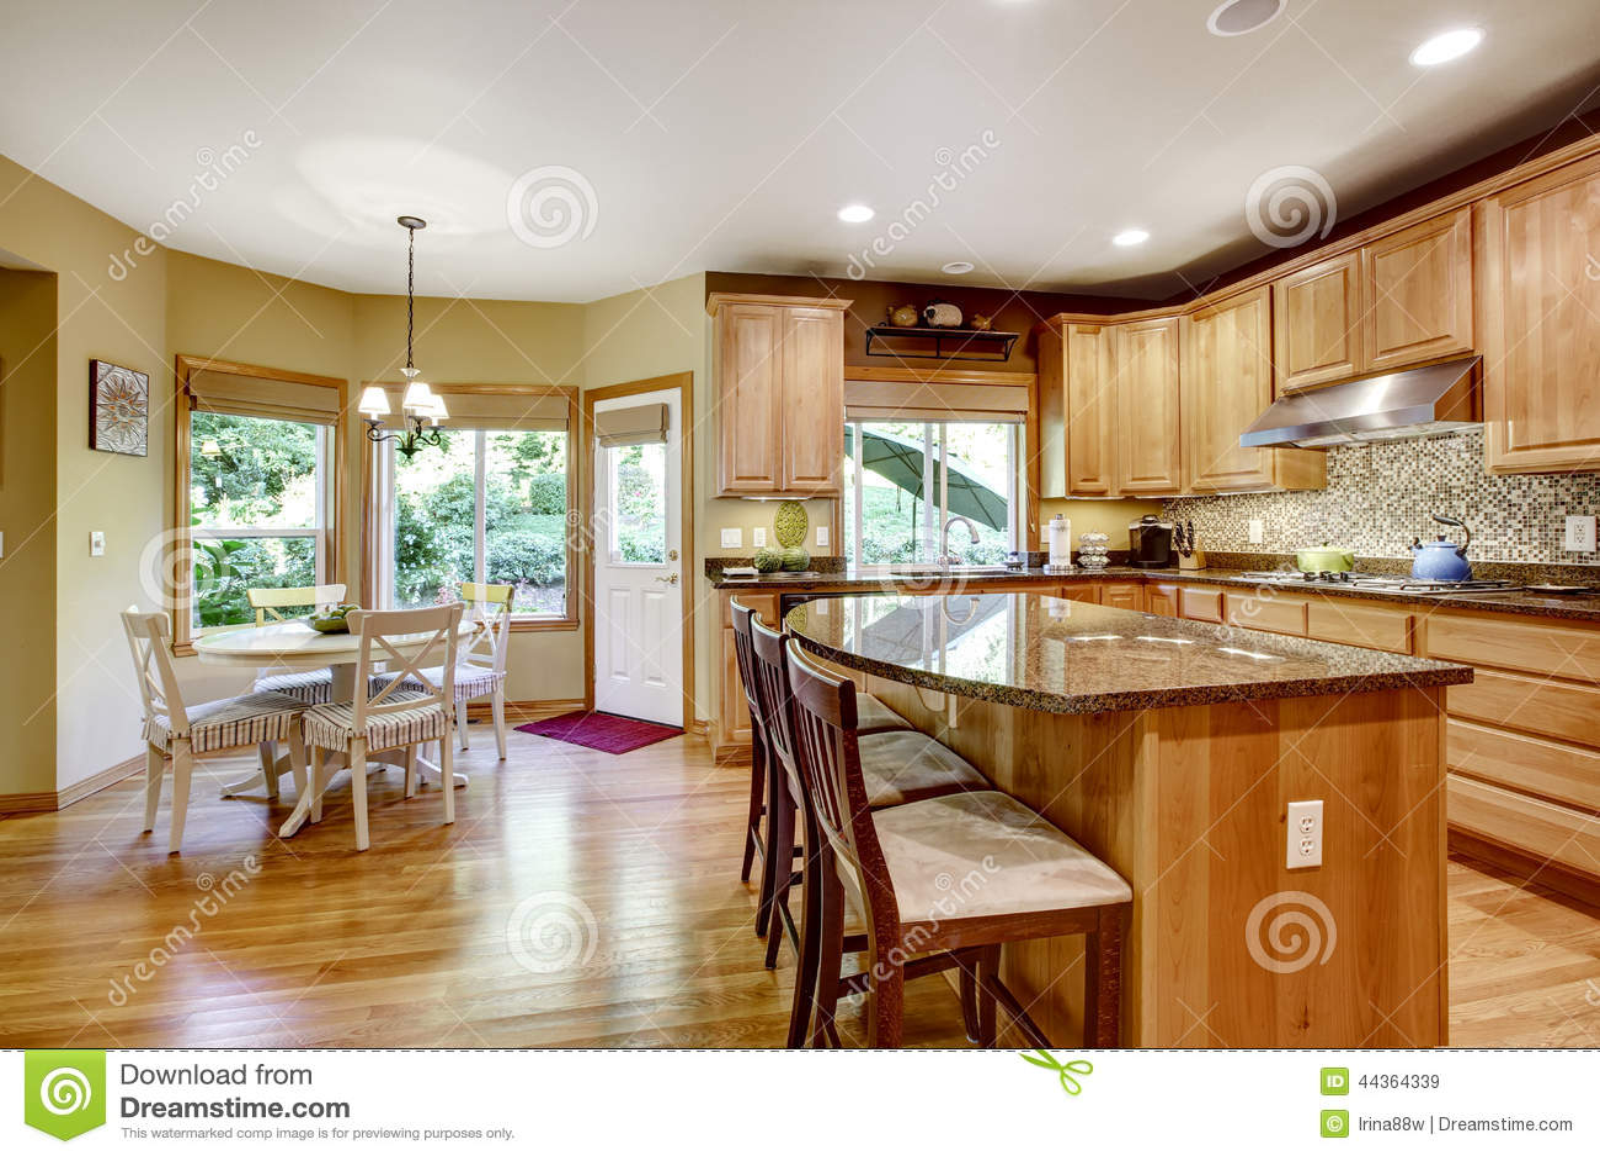 Rooom Moderno Da Cozinha Com Partes Superiores Da Ilha E Do Granito